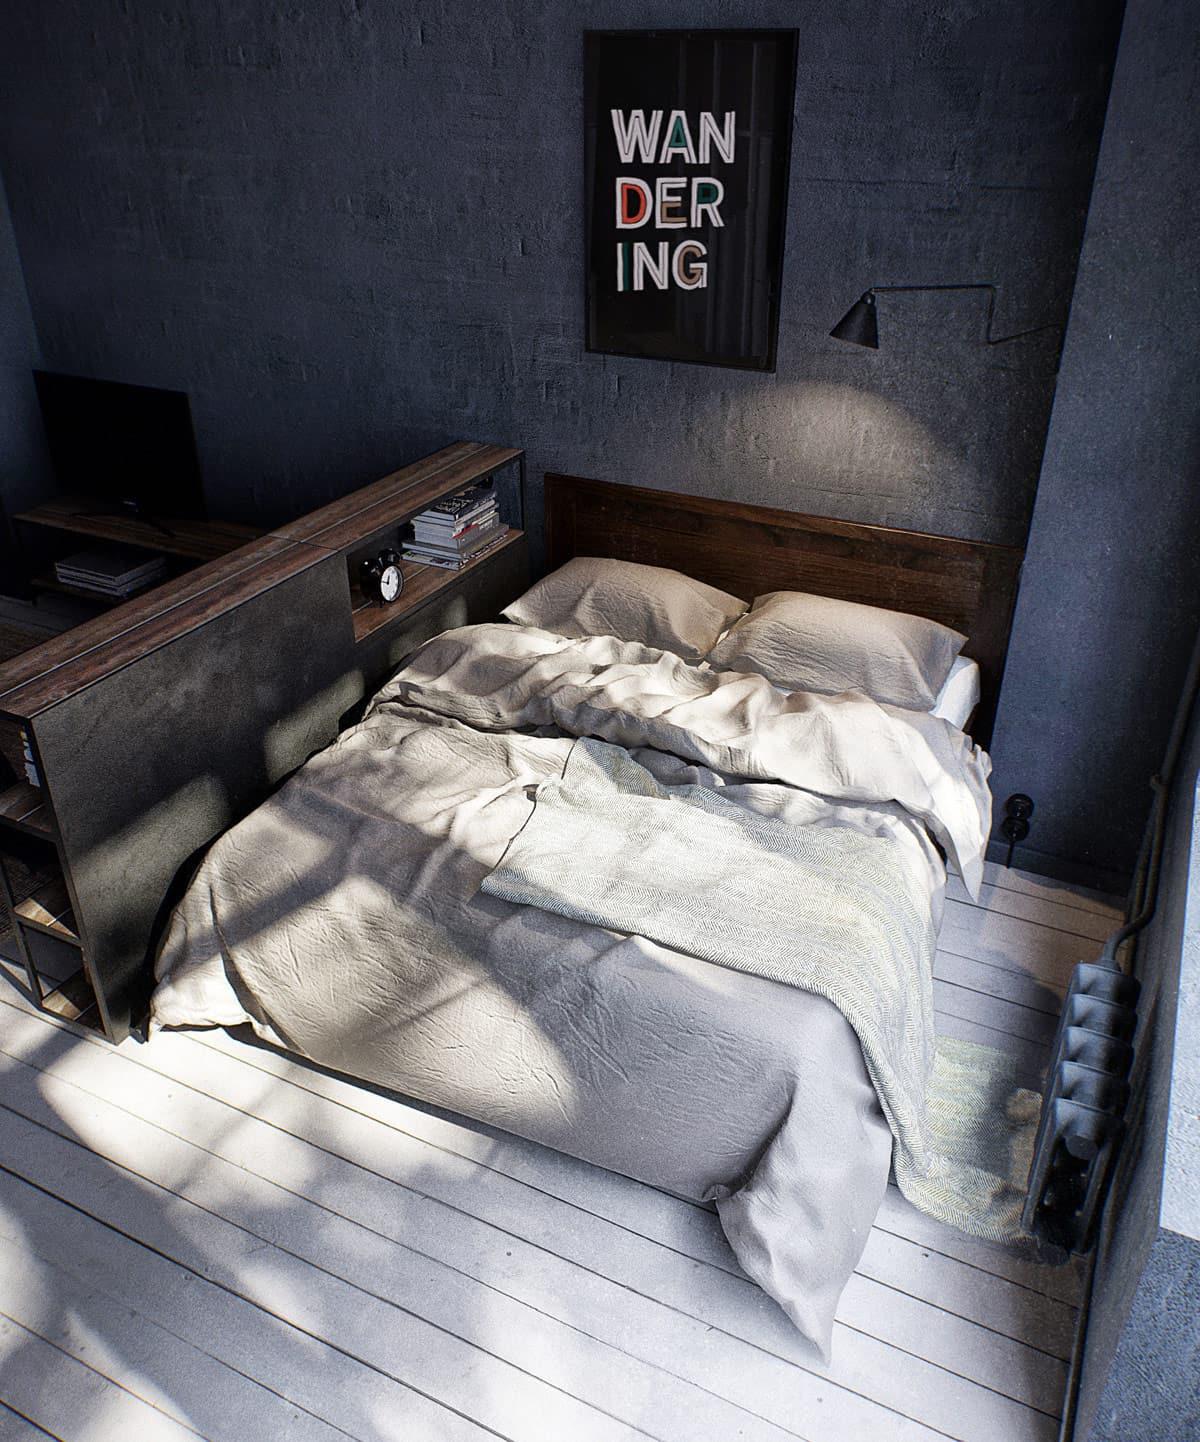 La chambre d'un bleu profond favorise une relaxation profonde